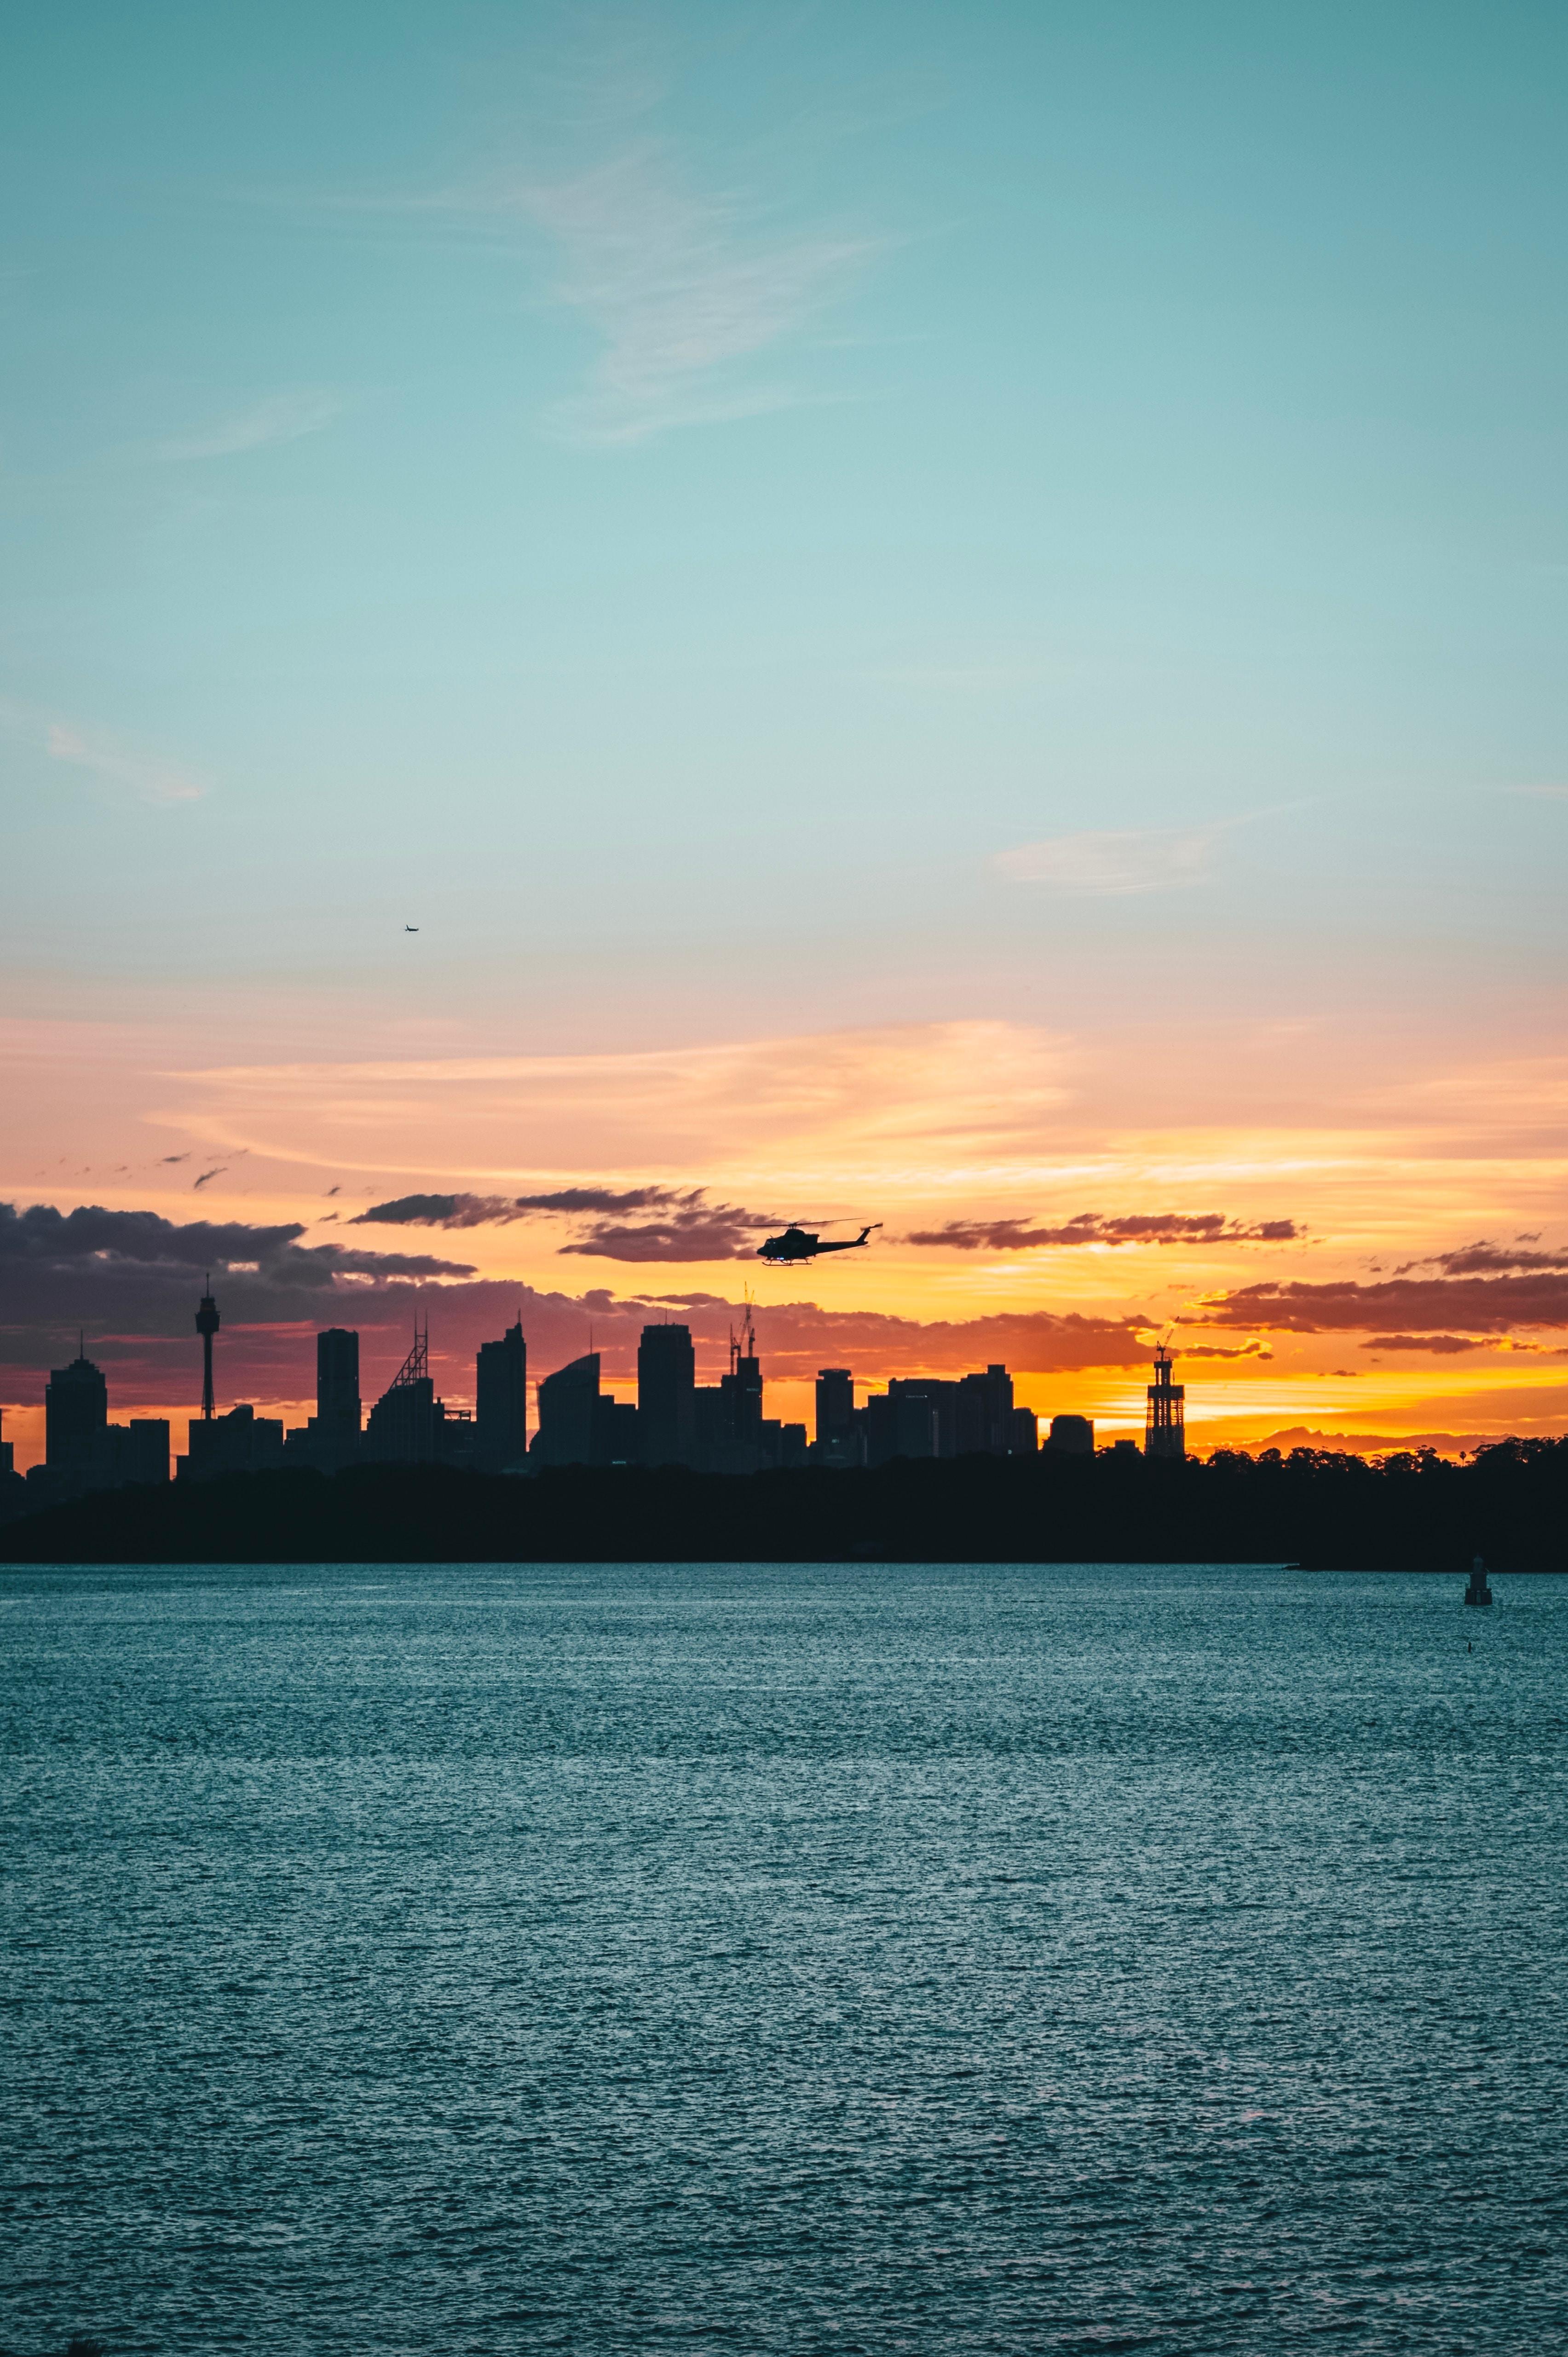 53562 Hintergrundbild herunterladen Städte, Hubschrauber, Stadt, Gebäude, Dunkel, Küste, Dämmerung, Twilight - Bildschirmschoner und Bilder kostenlos